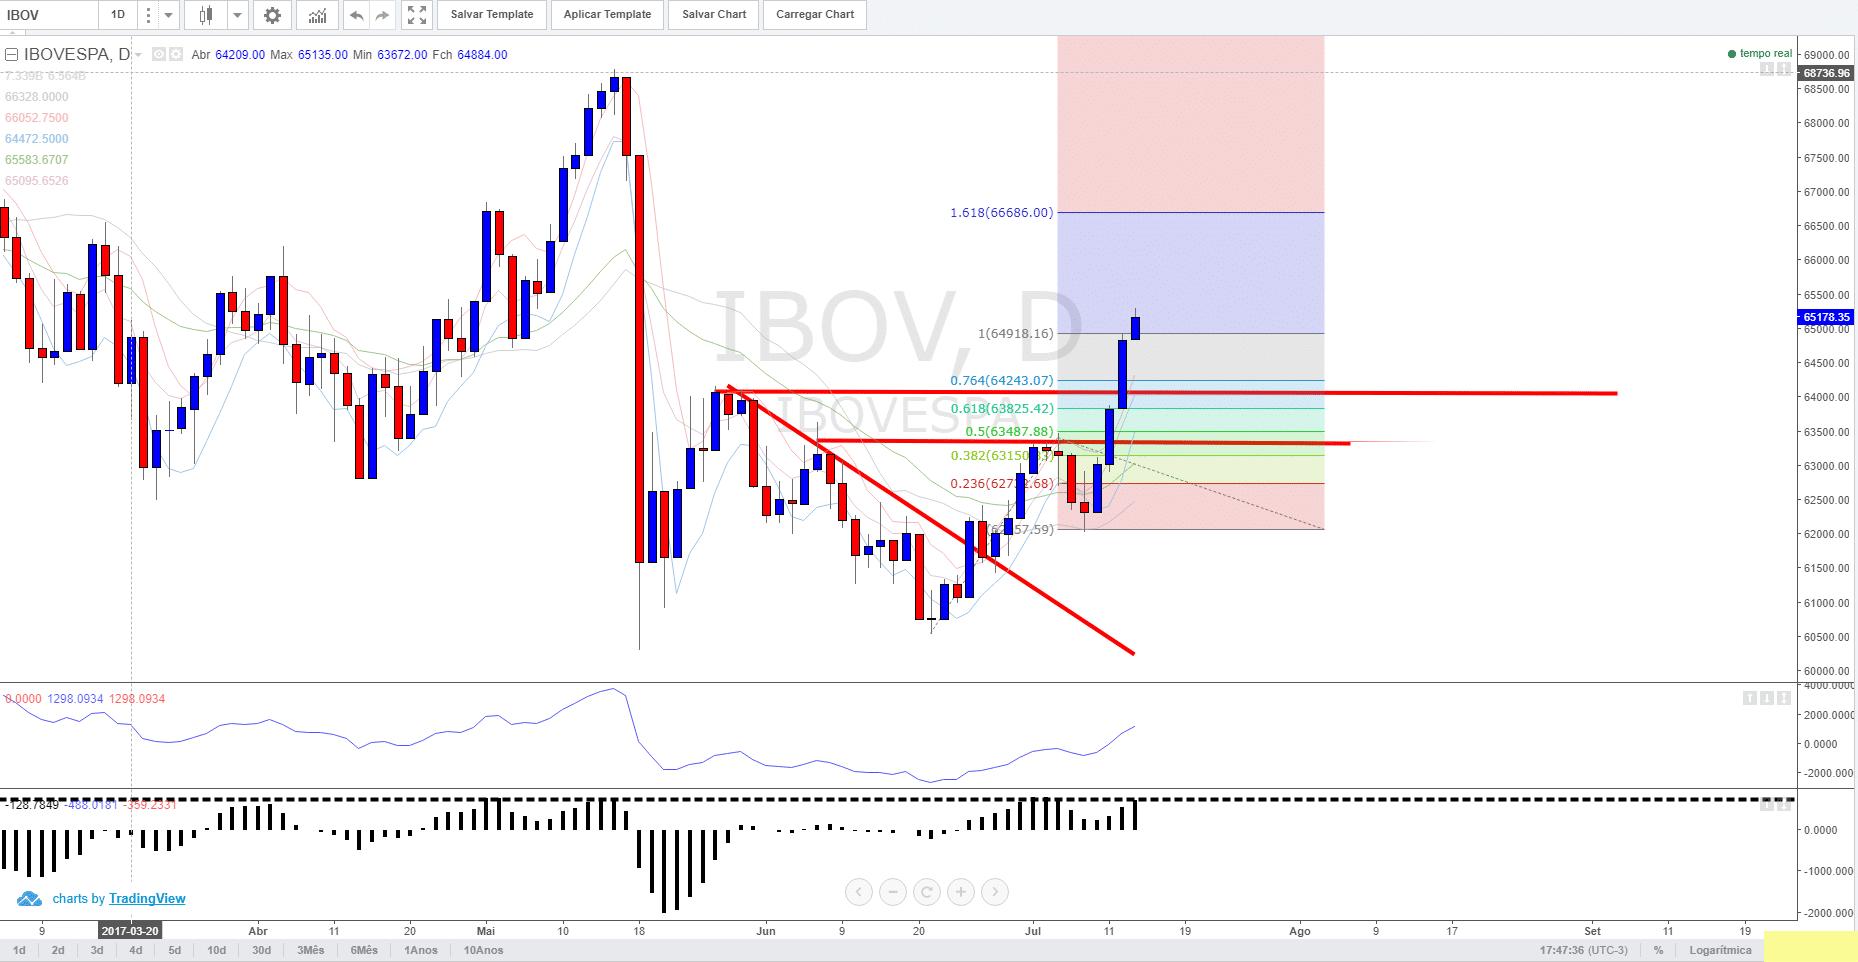 Gráfico do IBOVESPA - Como investir na bolsa de valores - Curso Gratuito